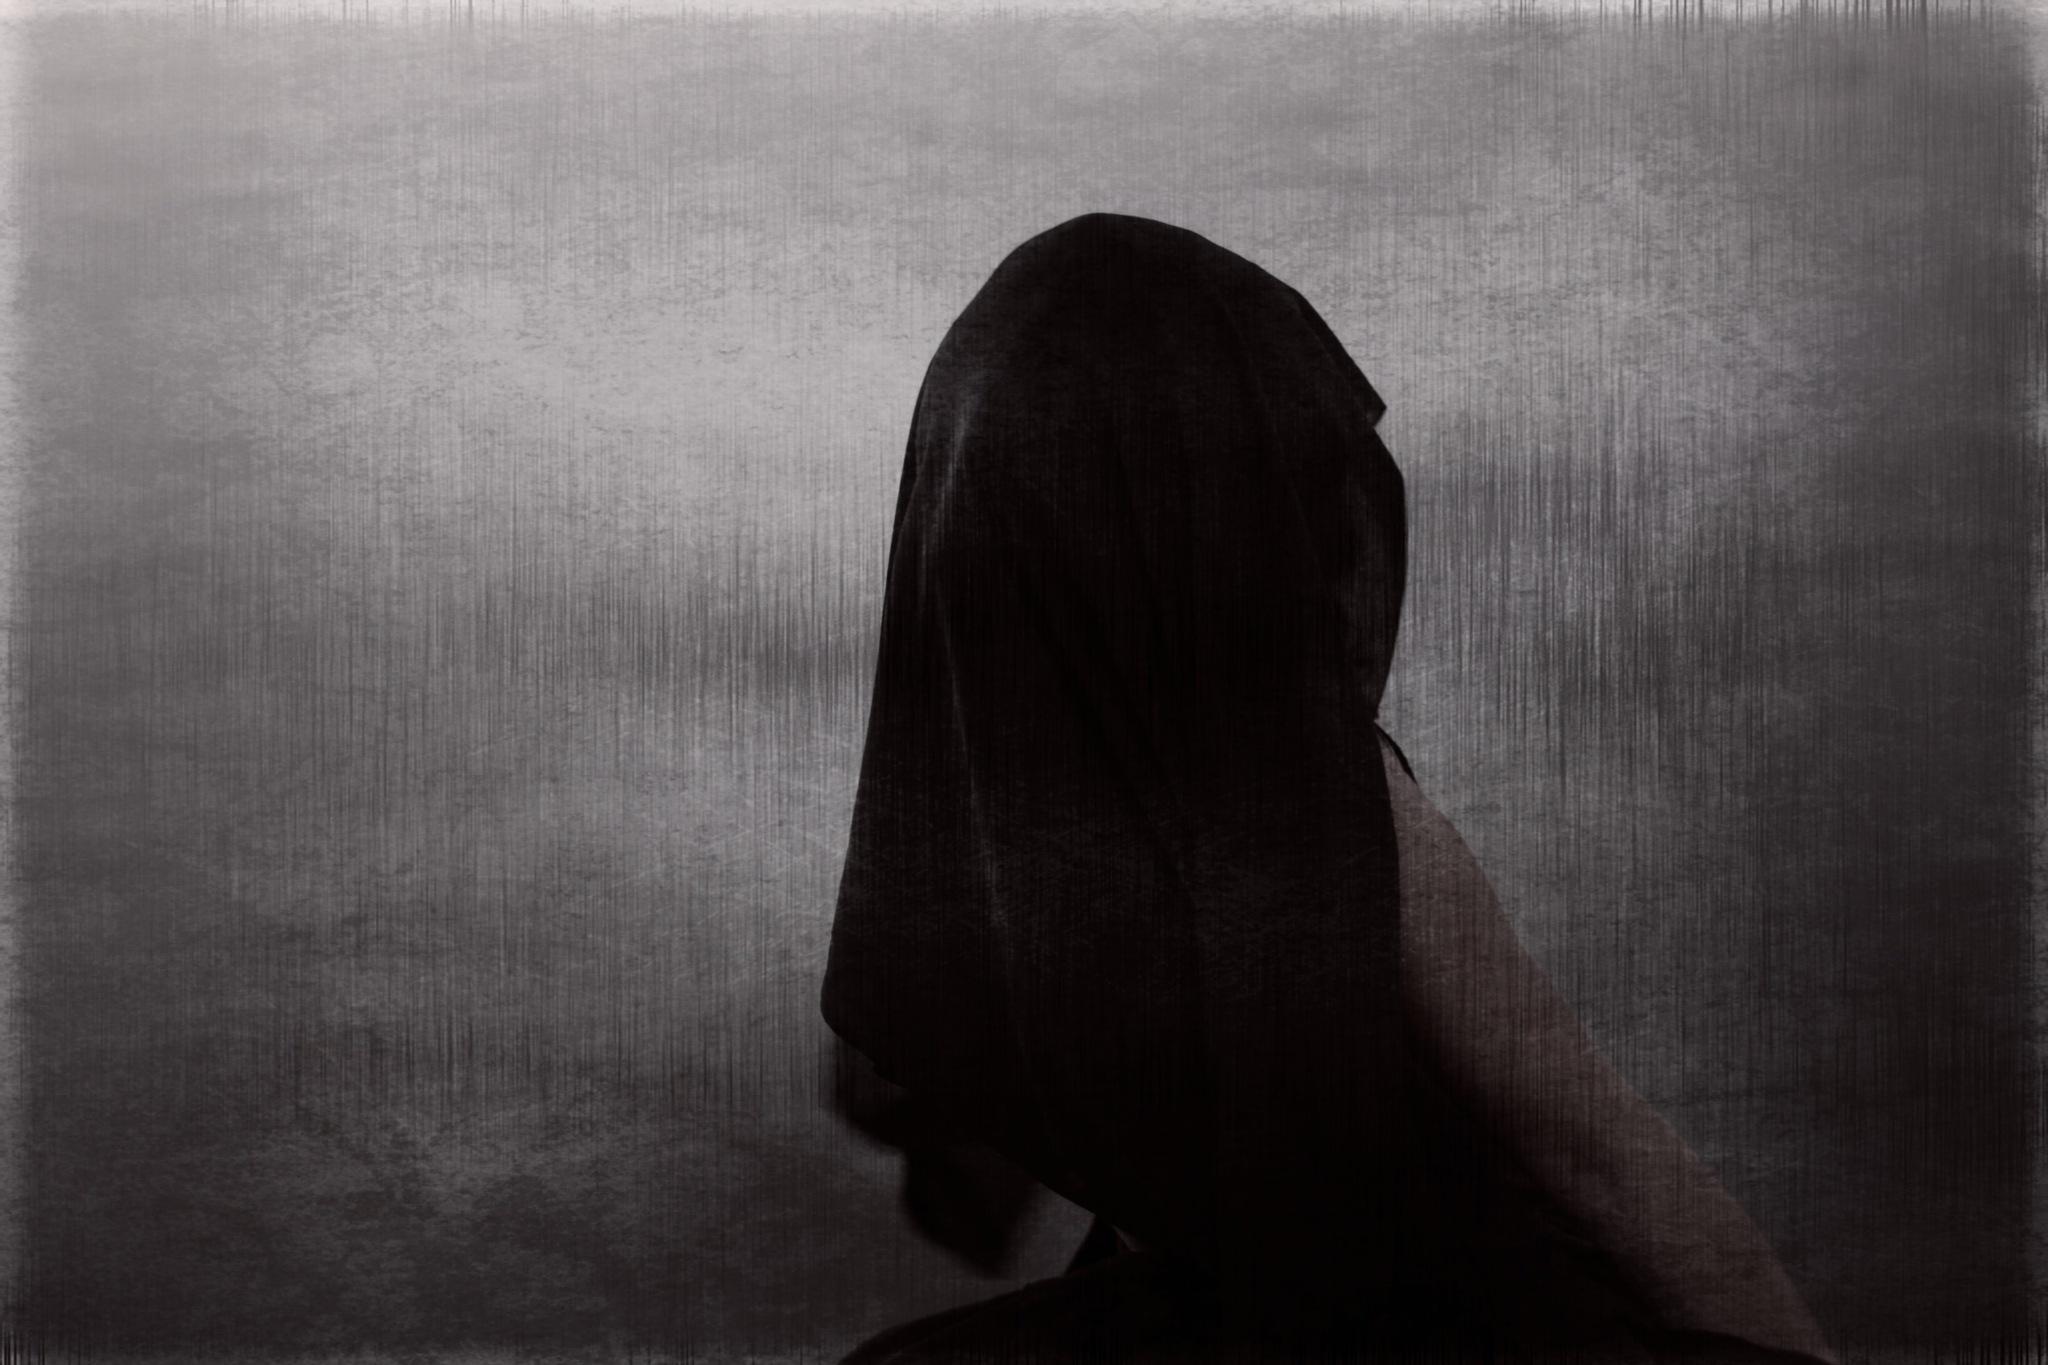 Untitled by Maria José Jacinto